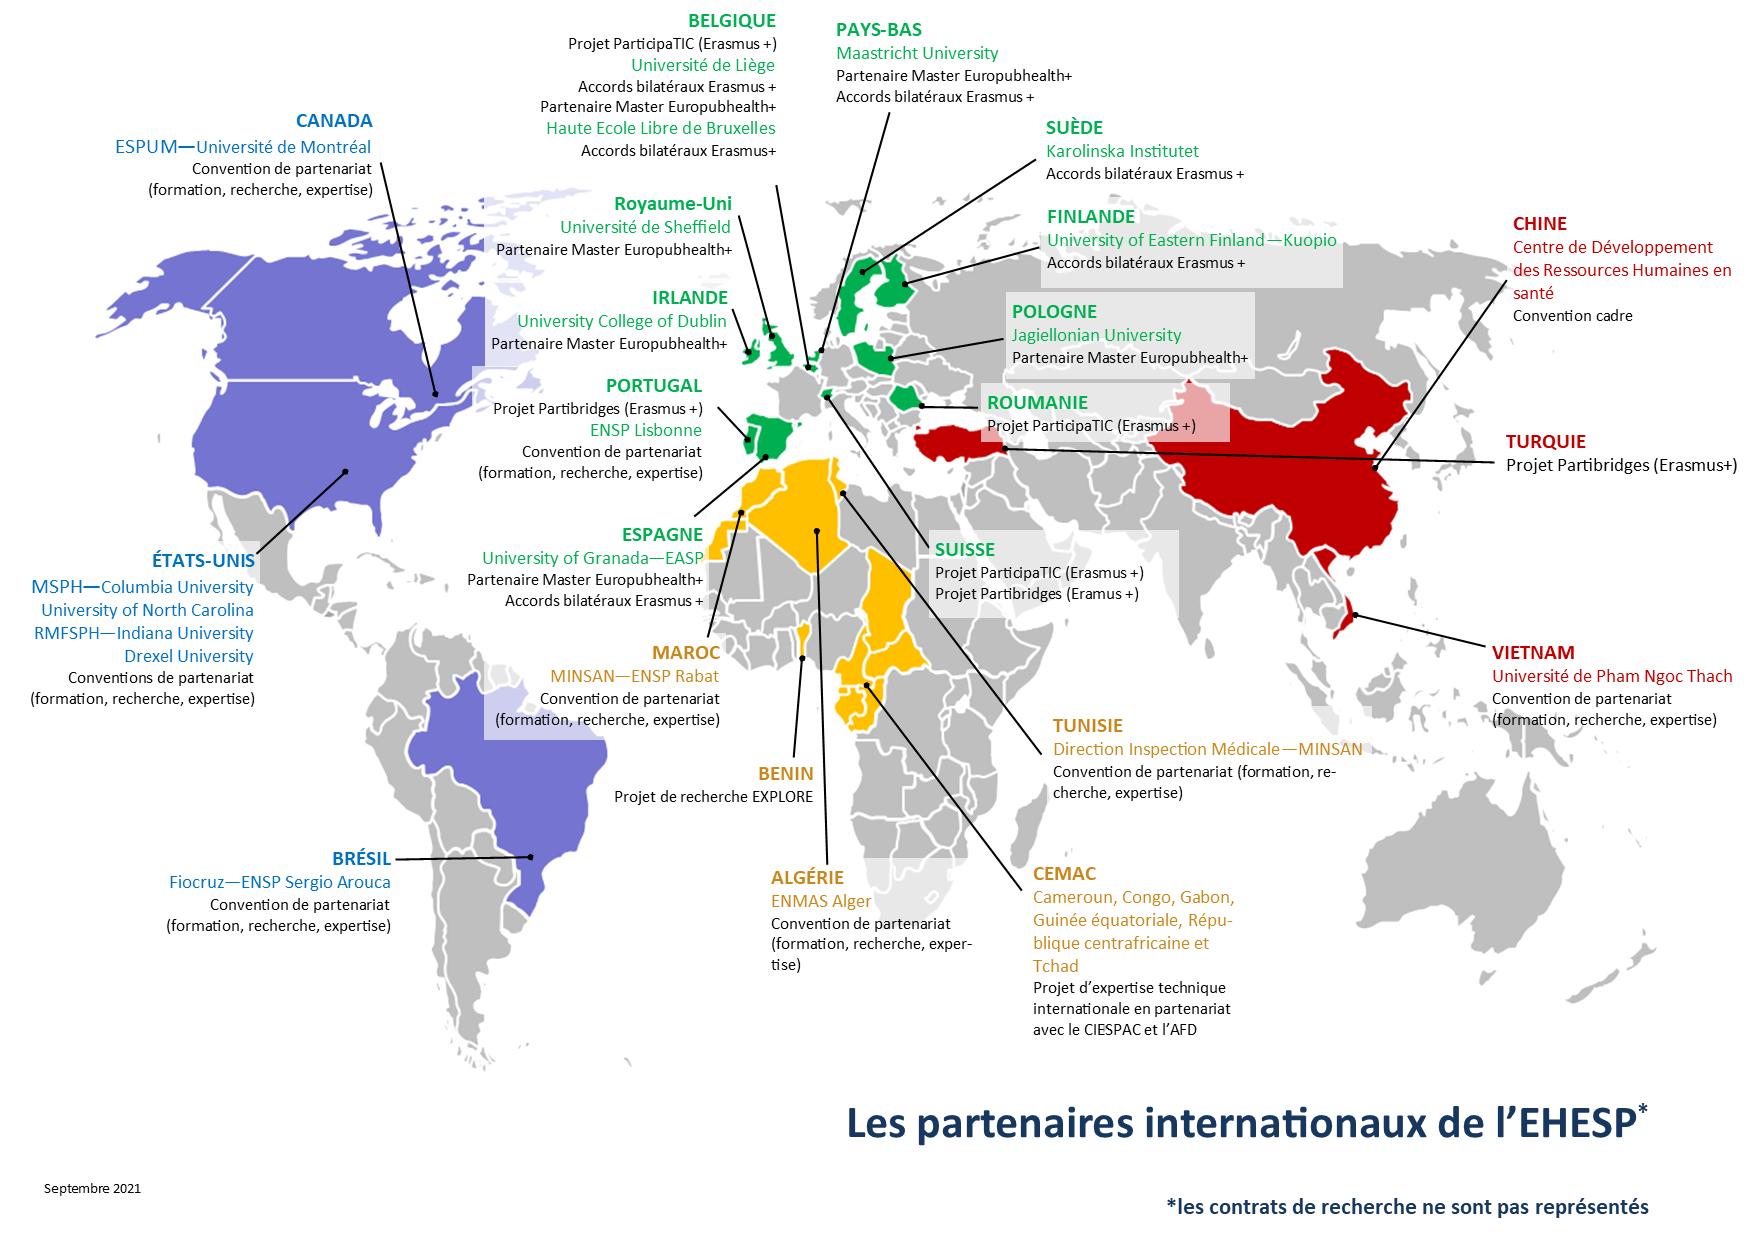 Carte montrant les partenaires institutionnels de l'EHESP dans le monde.